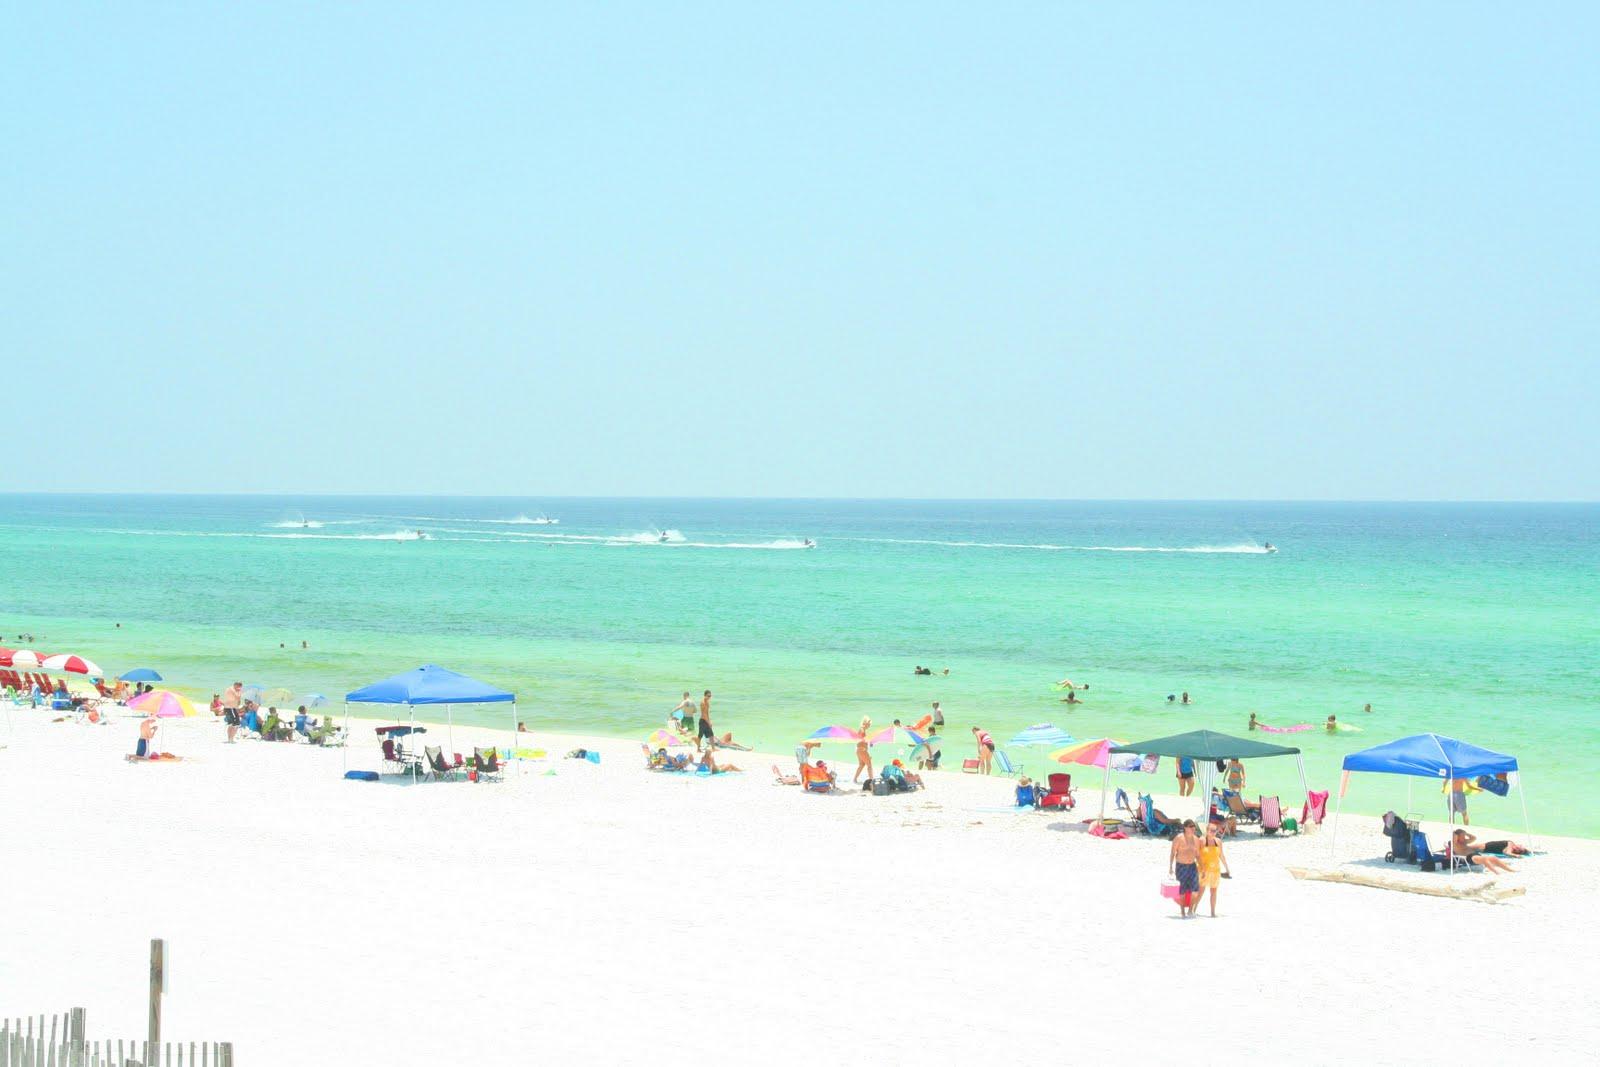 miramar beach goa tourmet